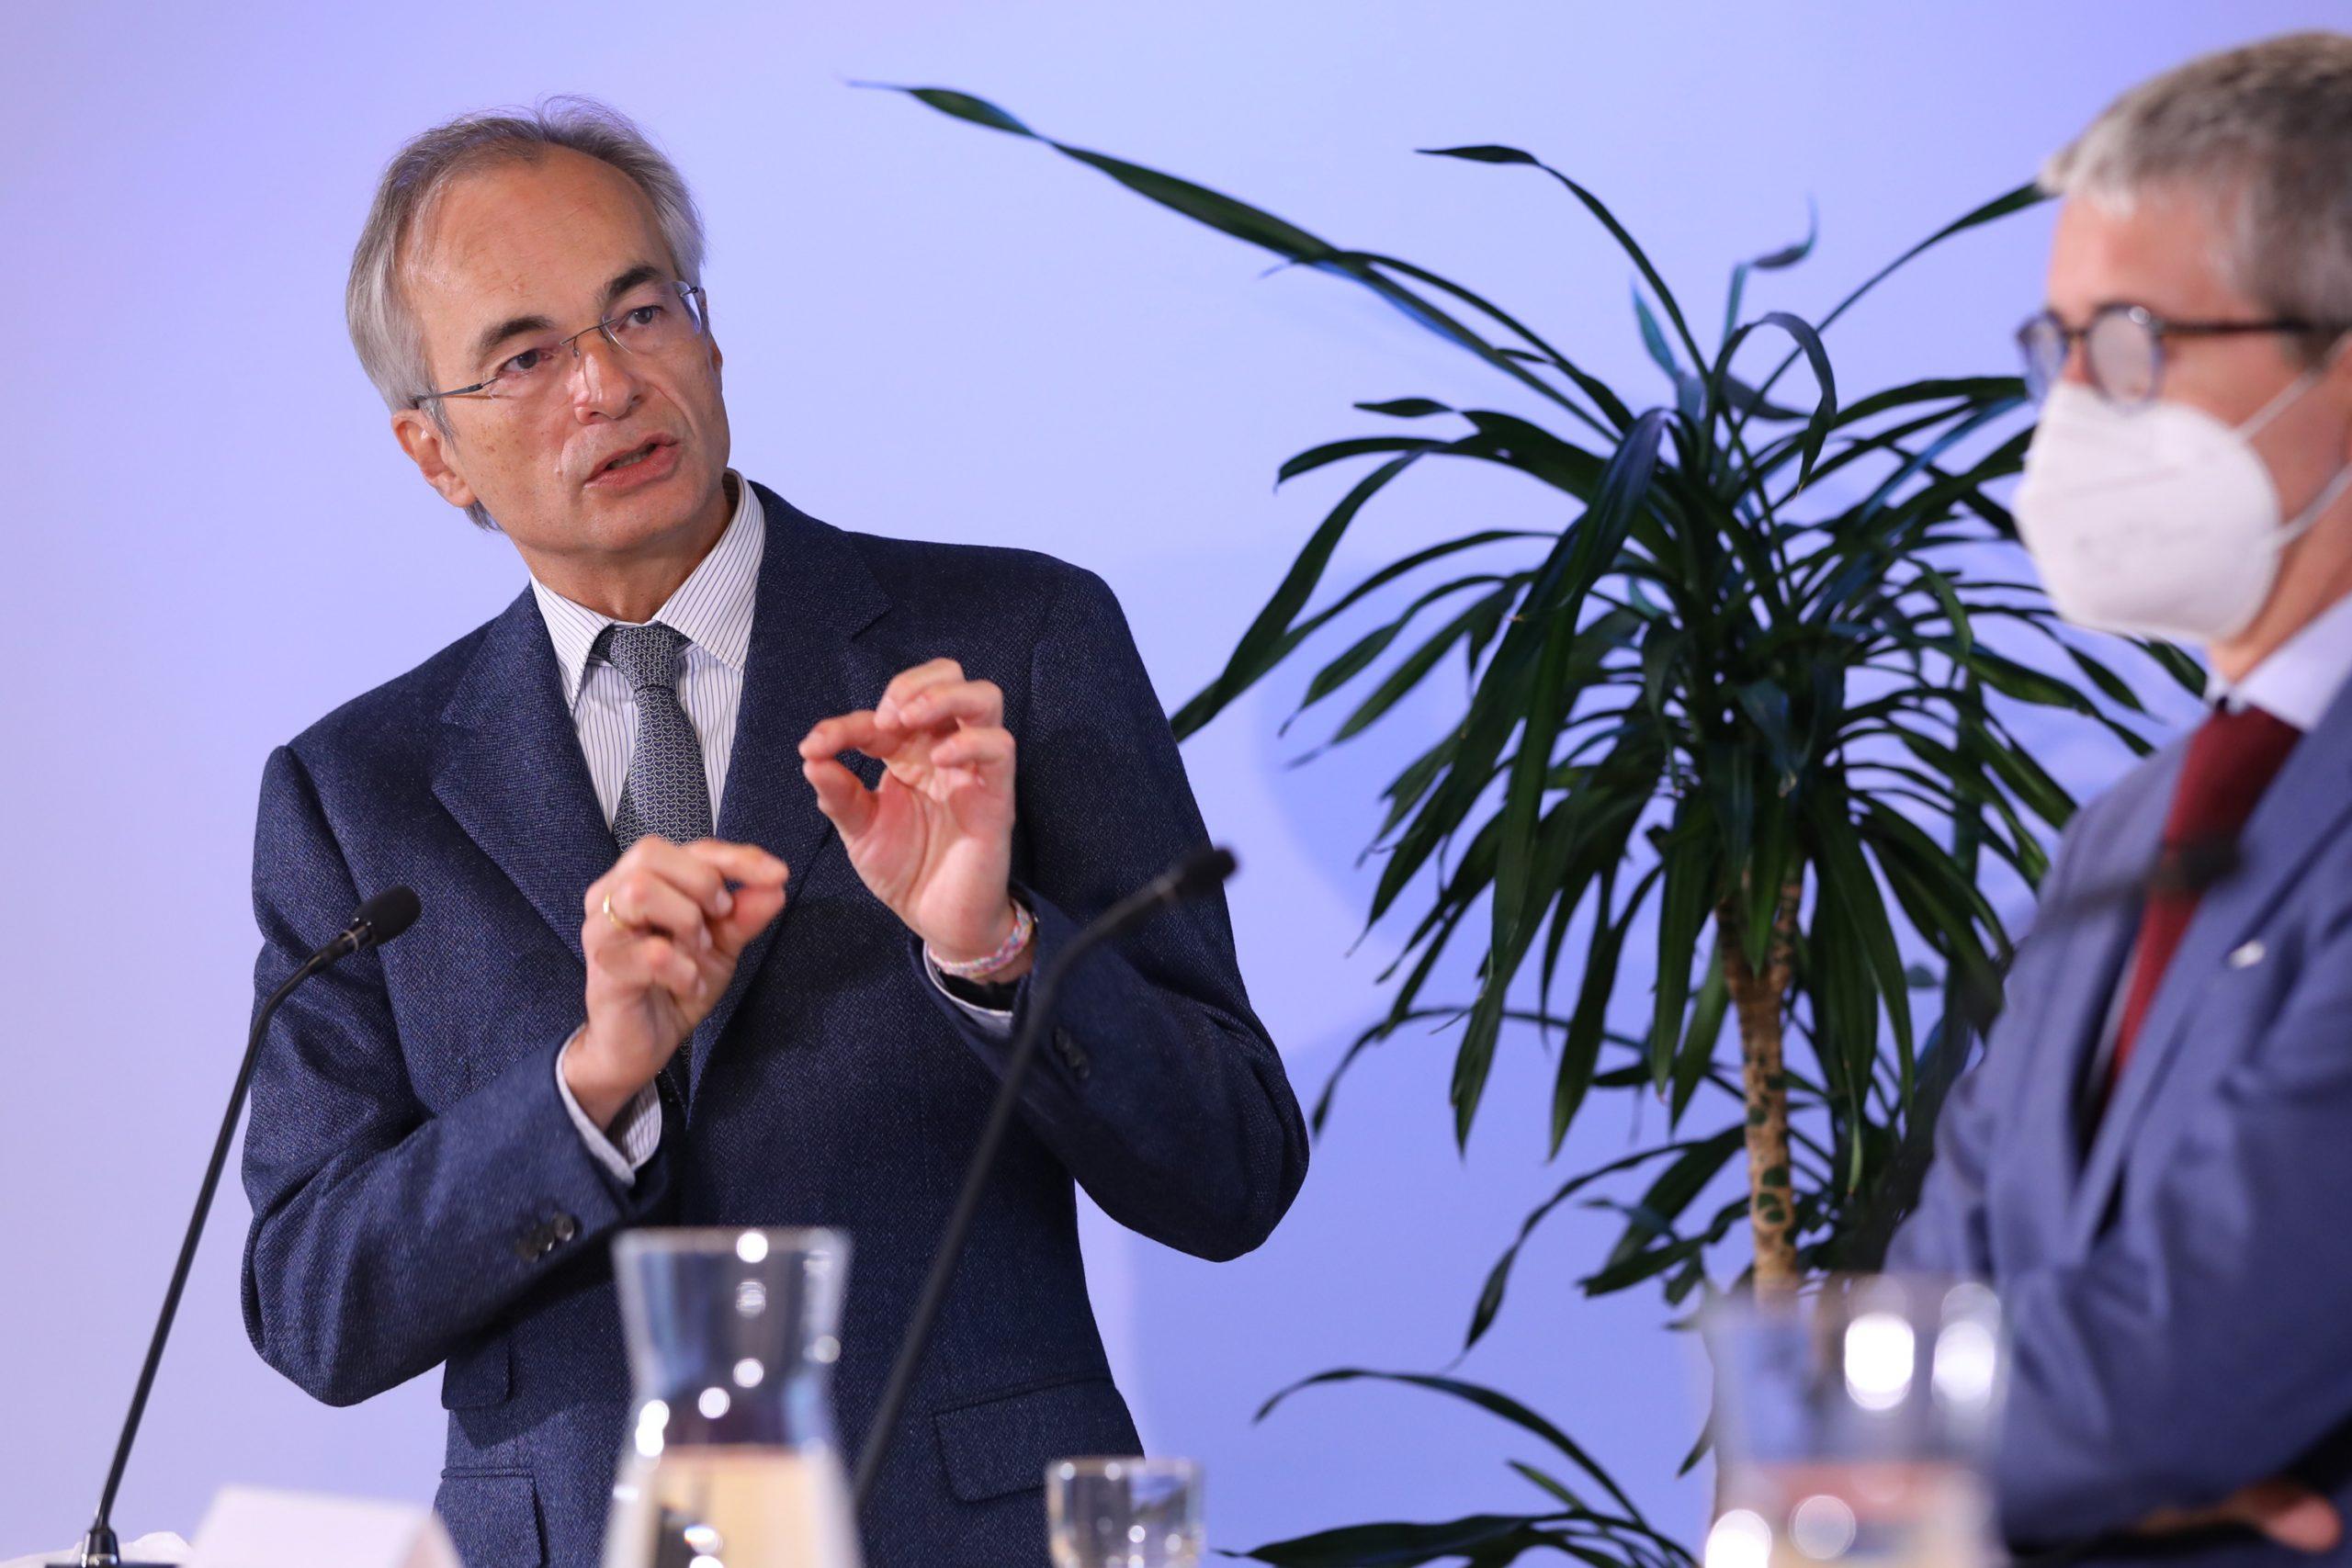 Univ.-Prof. Dr. Christian Hengstenberg